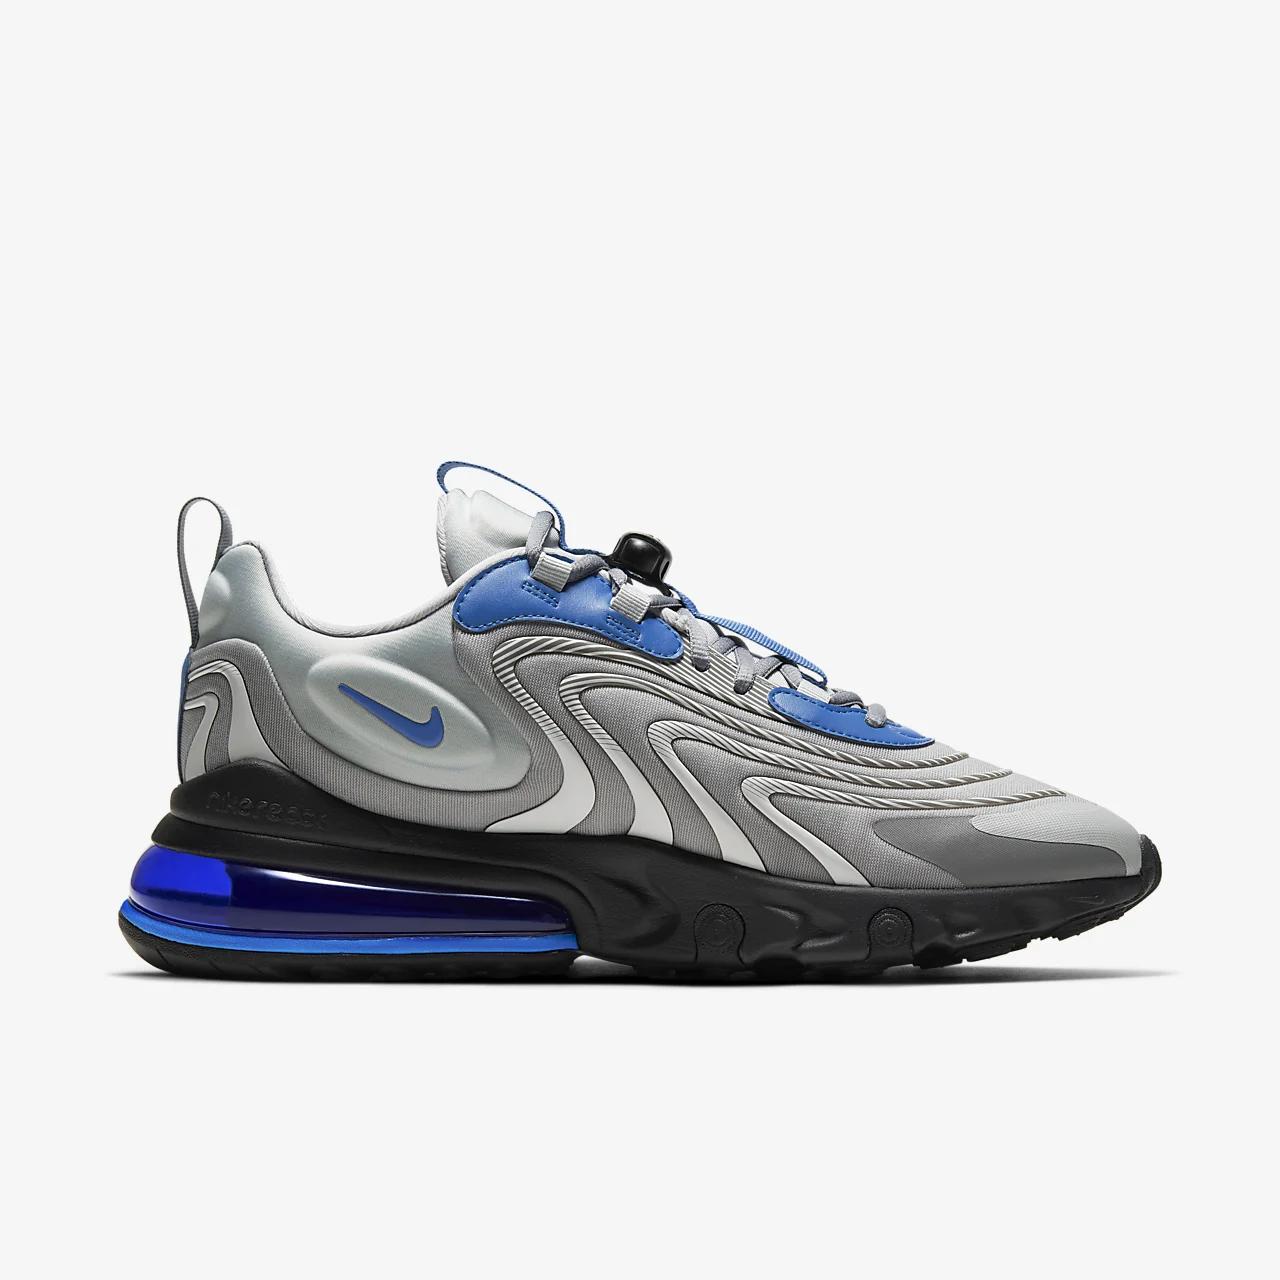 유럽직배송 나이키 NIKE Nike Air Max 270 React ENG Men's Shoe CJ0579-001